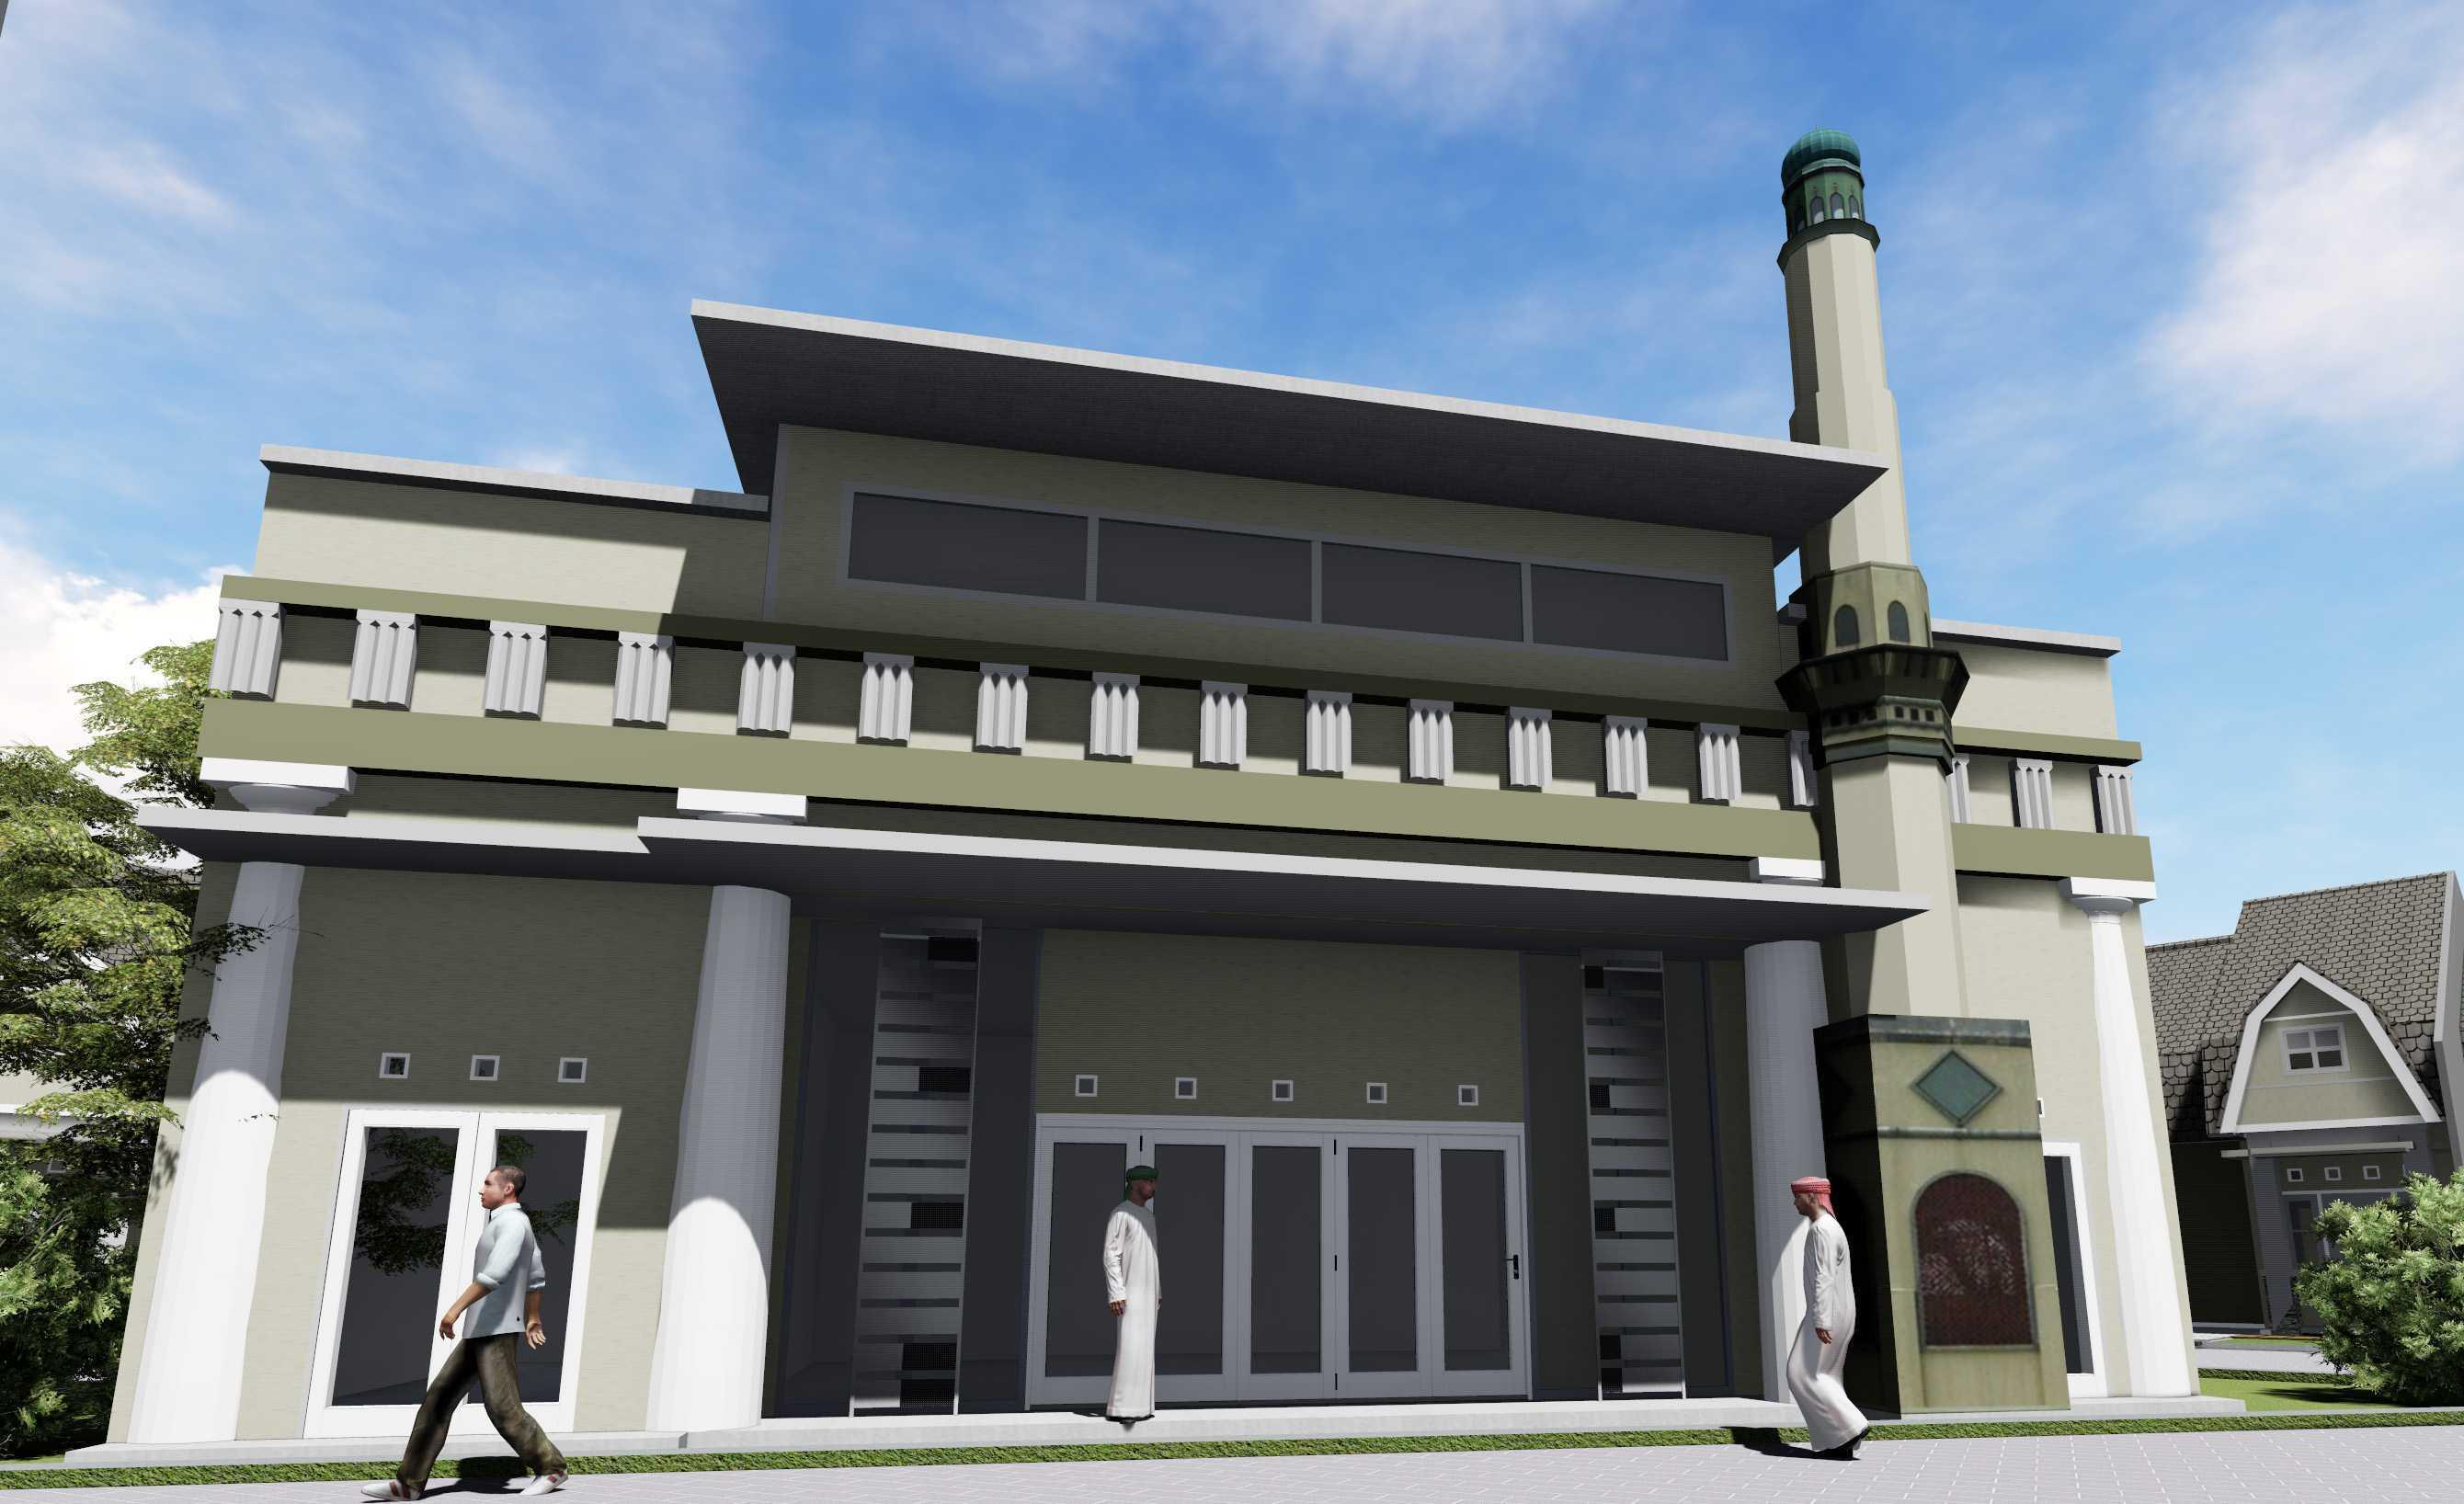 Svna Agra Residence Rancaekek, Bandung, Jawa Barat, Indonesia Rancaekek, Bandung, Jawa Barat, Indonesia Masjid Dan Balai Pertemuan  <P>Masjid Dan Balai Pertemuan Di Tiap&nbsp;cluster</p> 64703